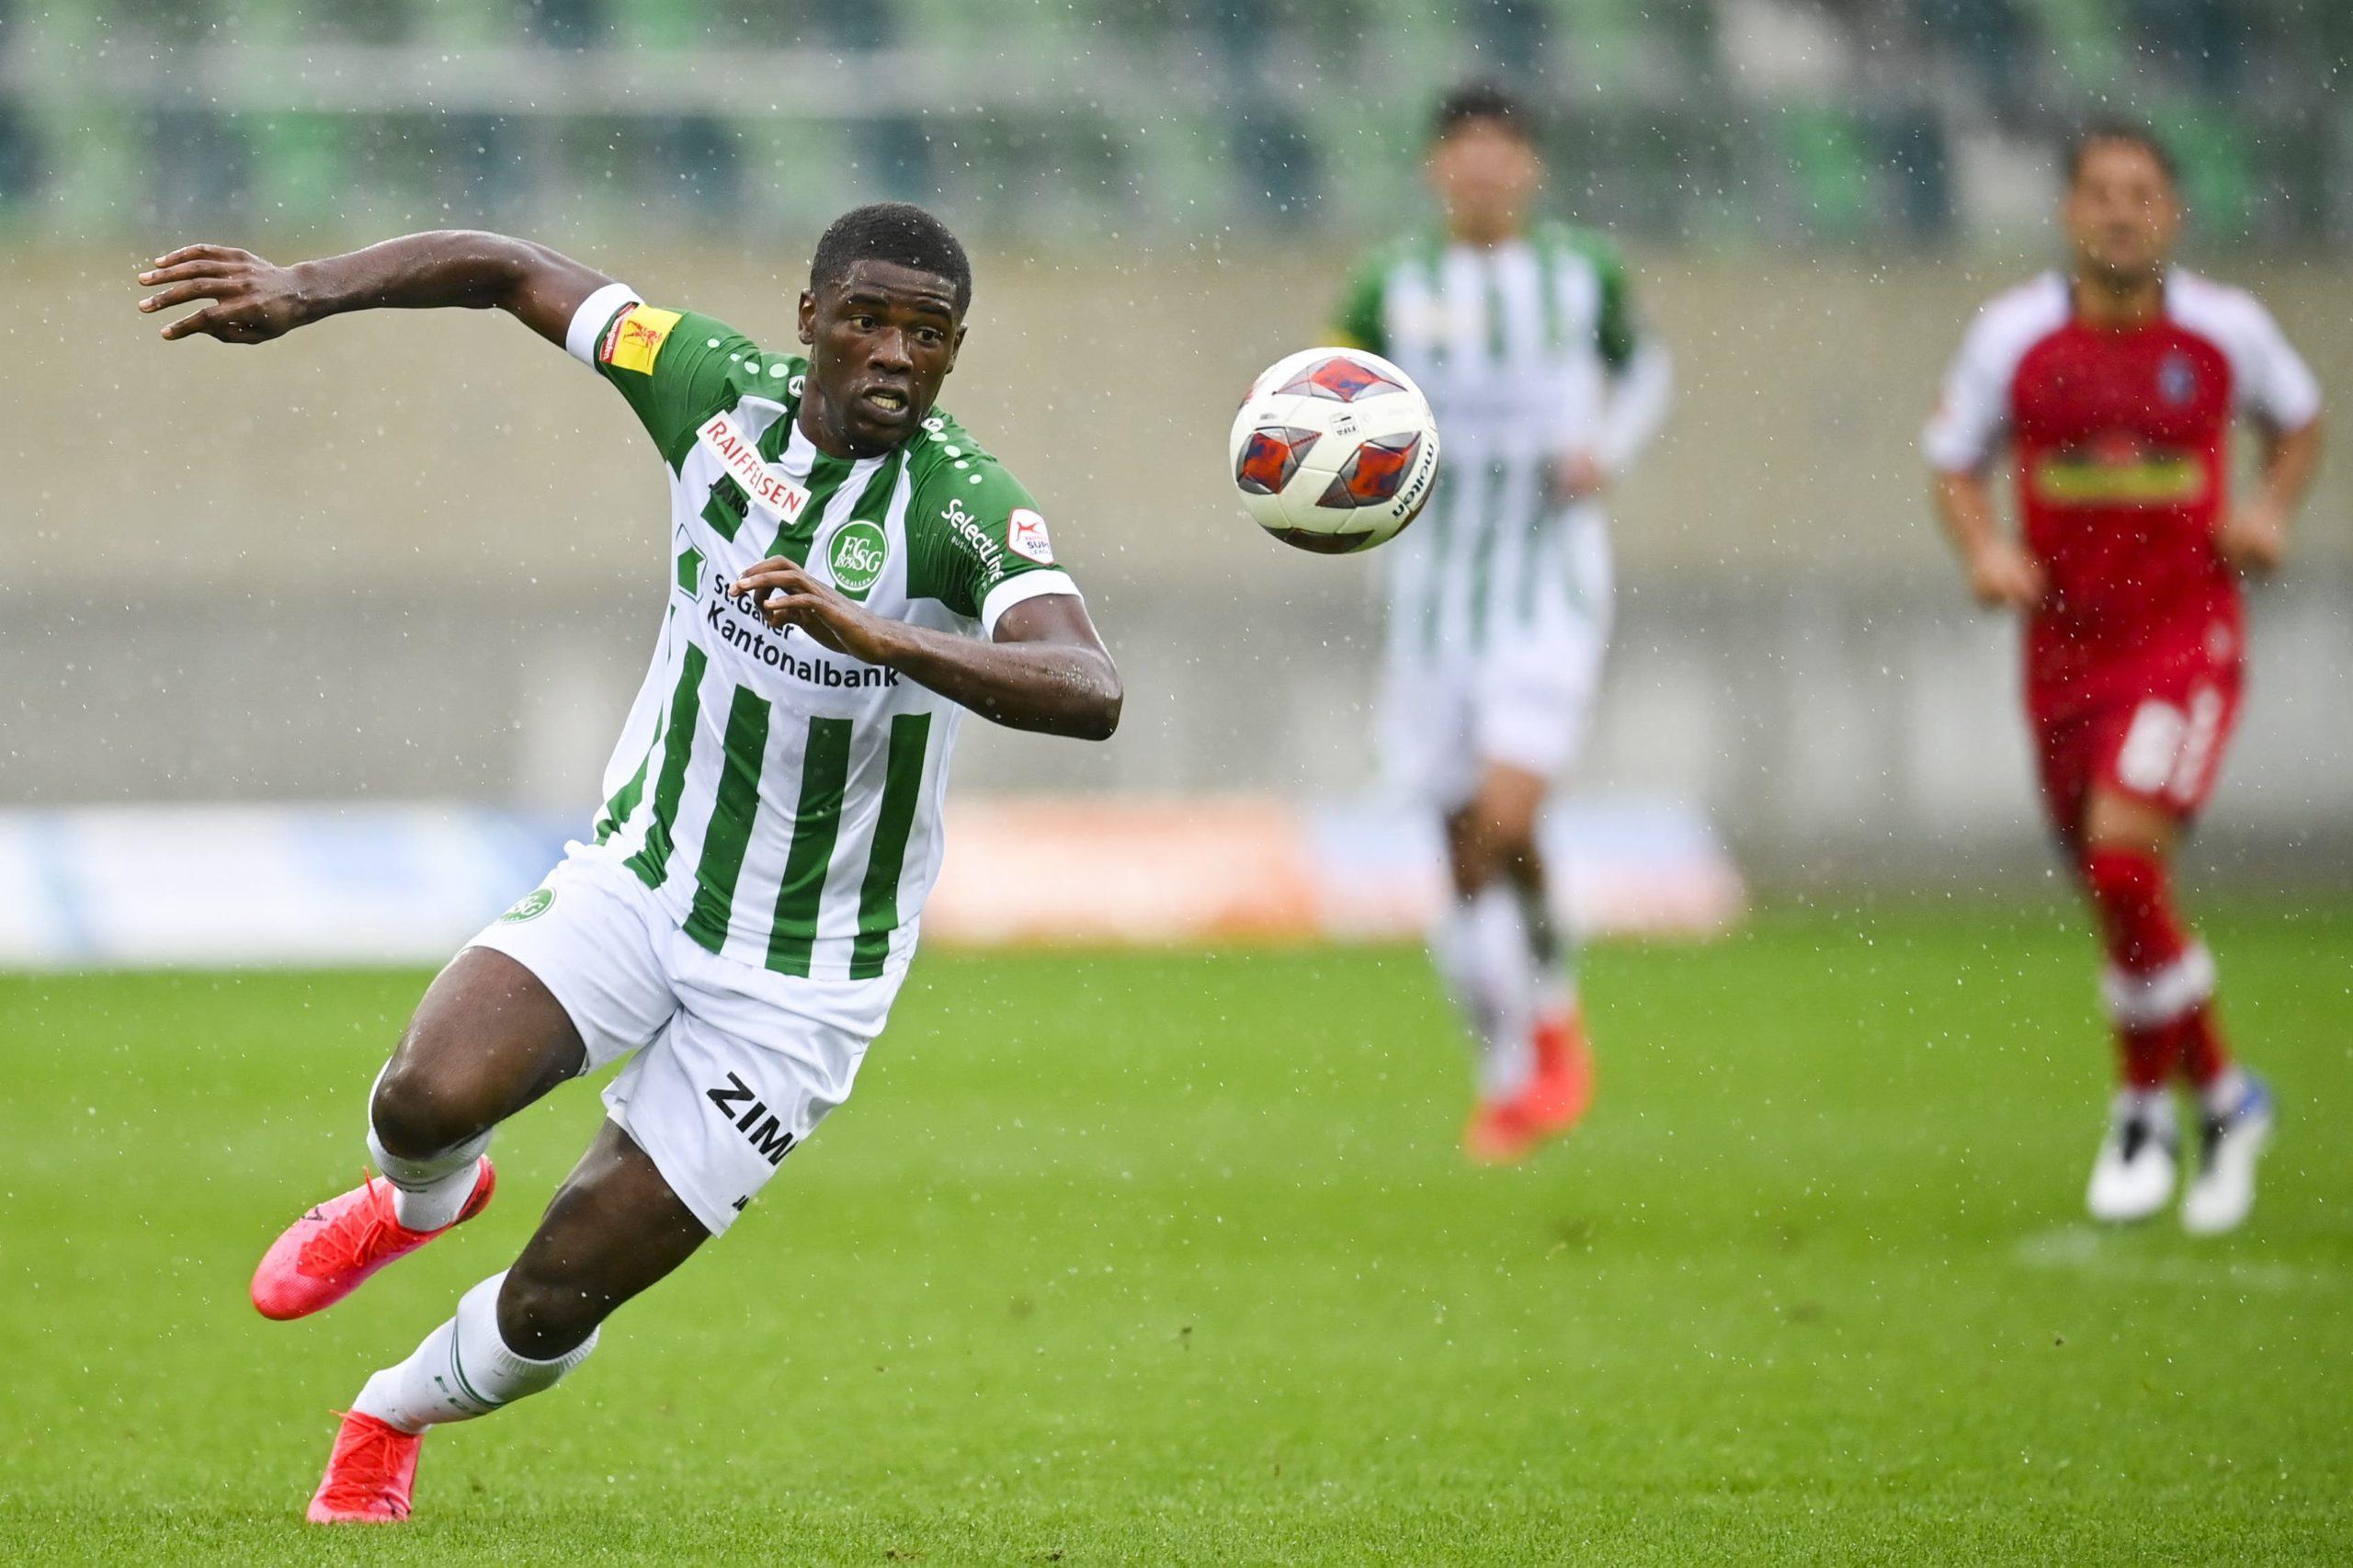 Ghanaian striker Kwadwo Duah nets seventh goal of the season for FC St. Gallen